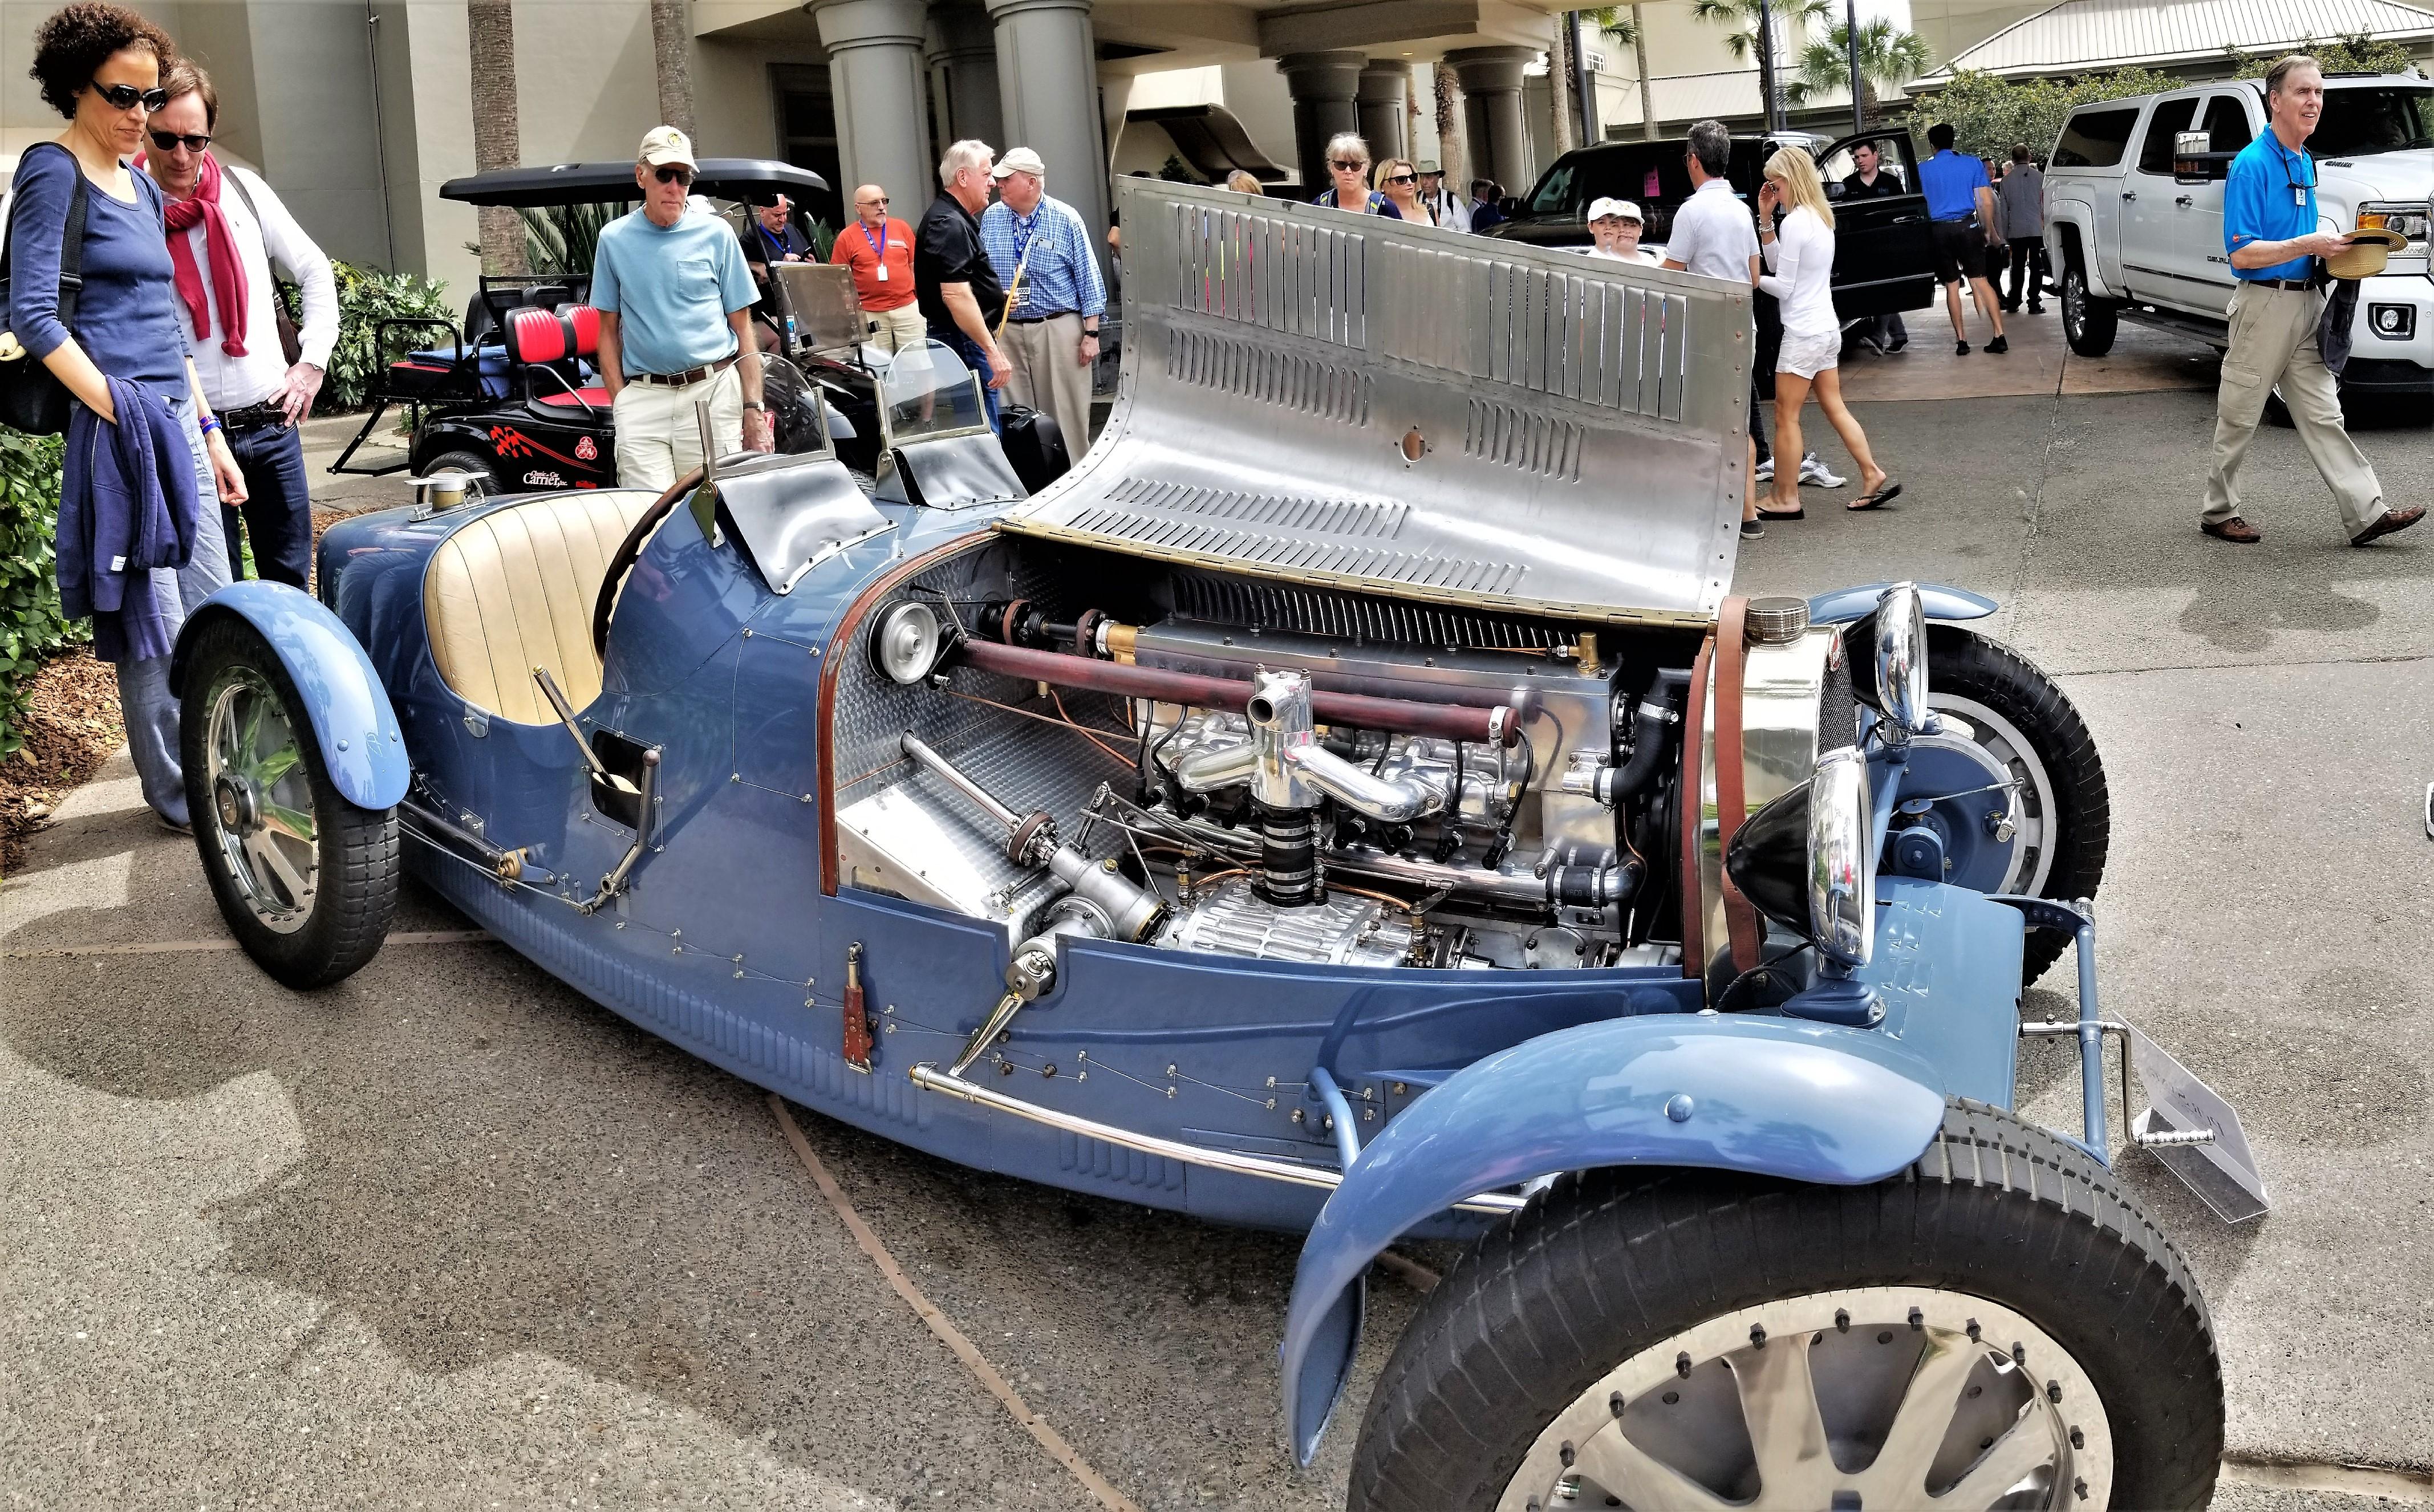 Bugatti racing engine